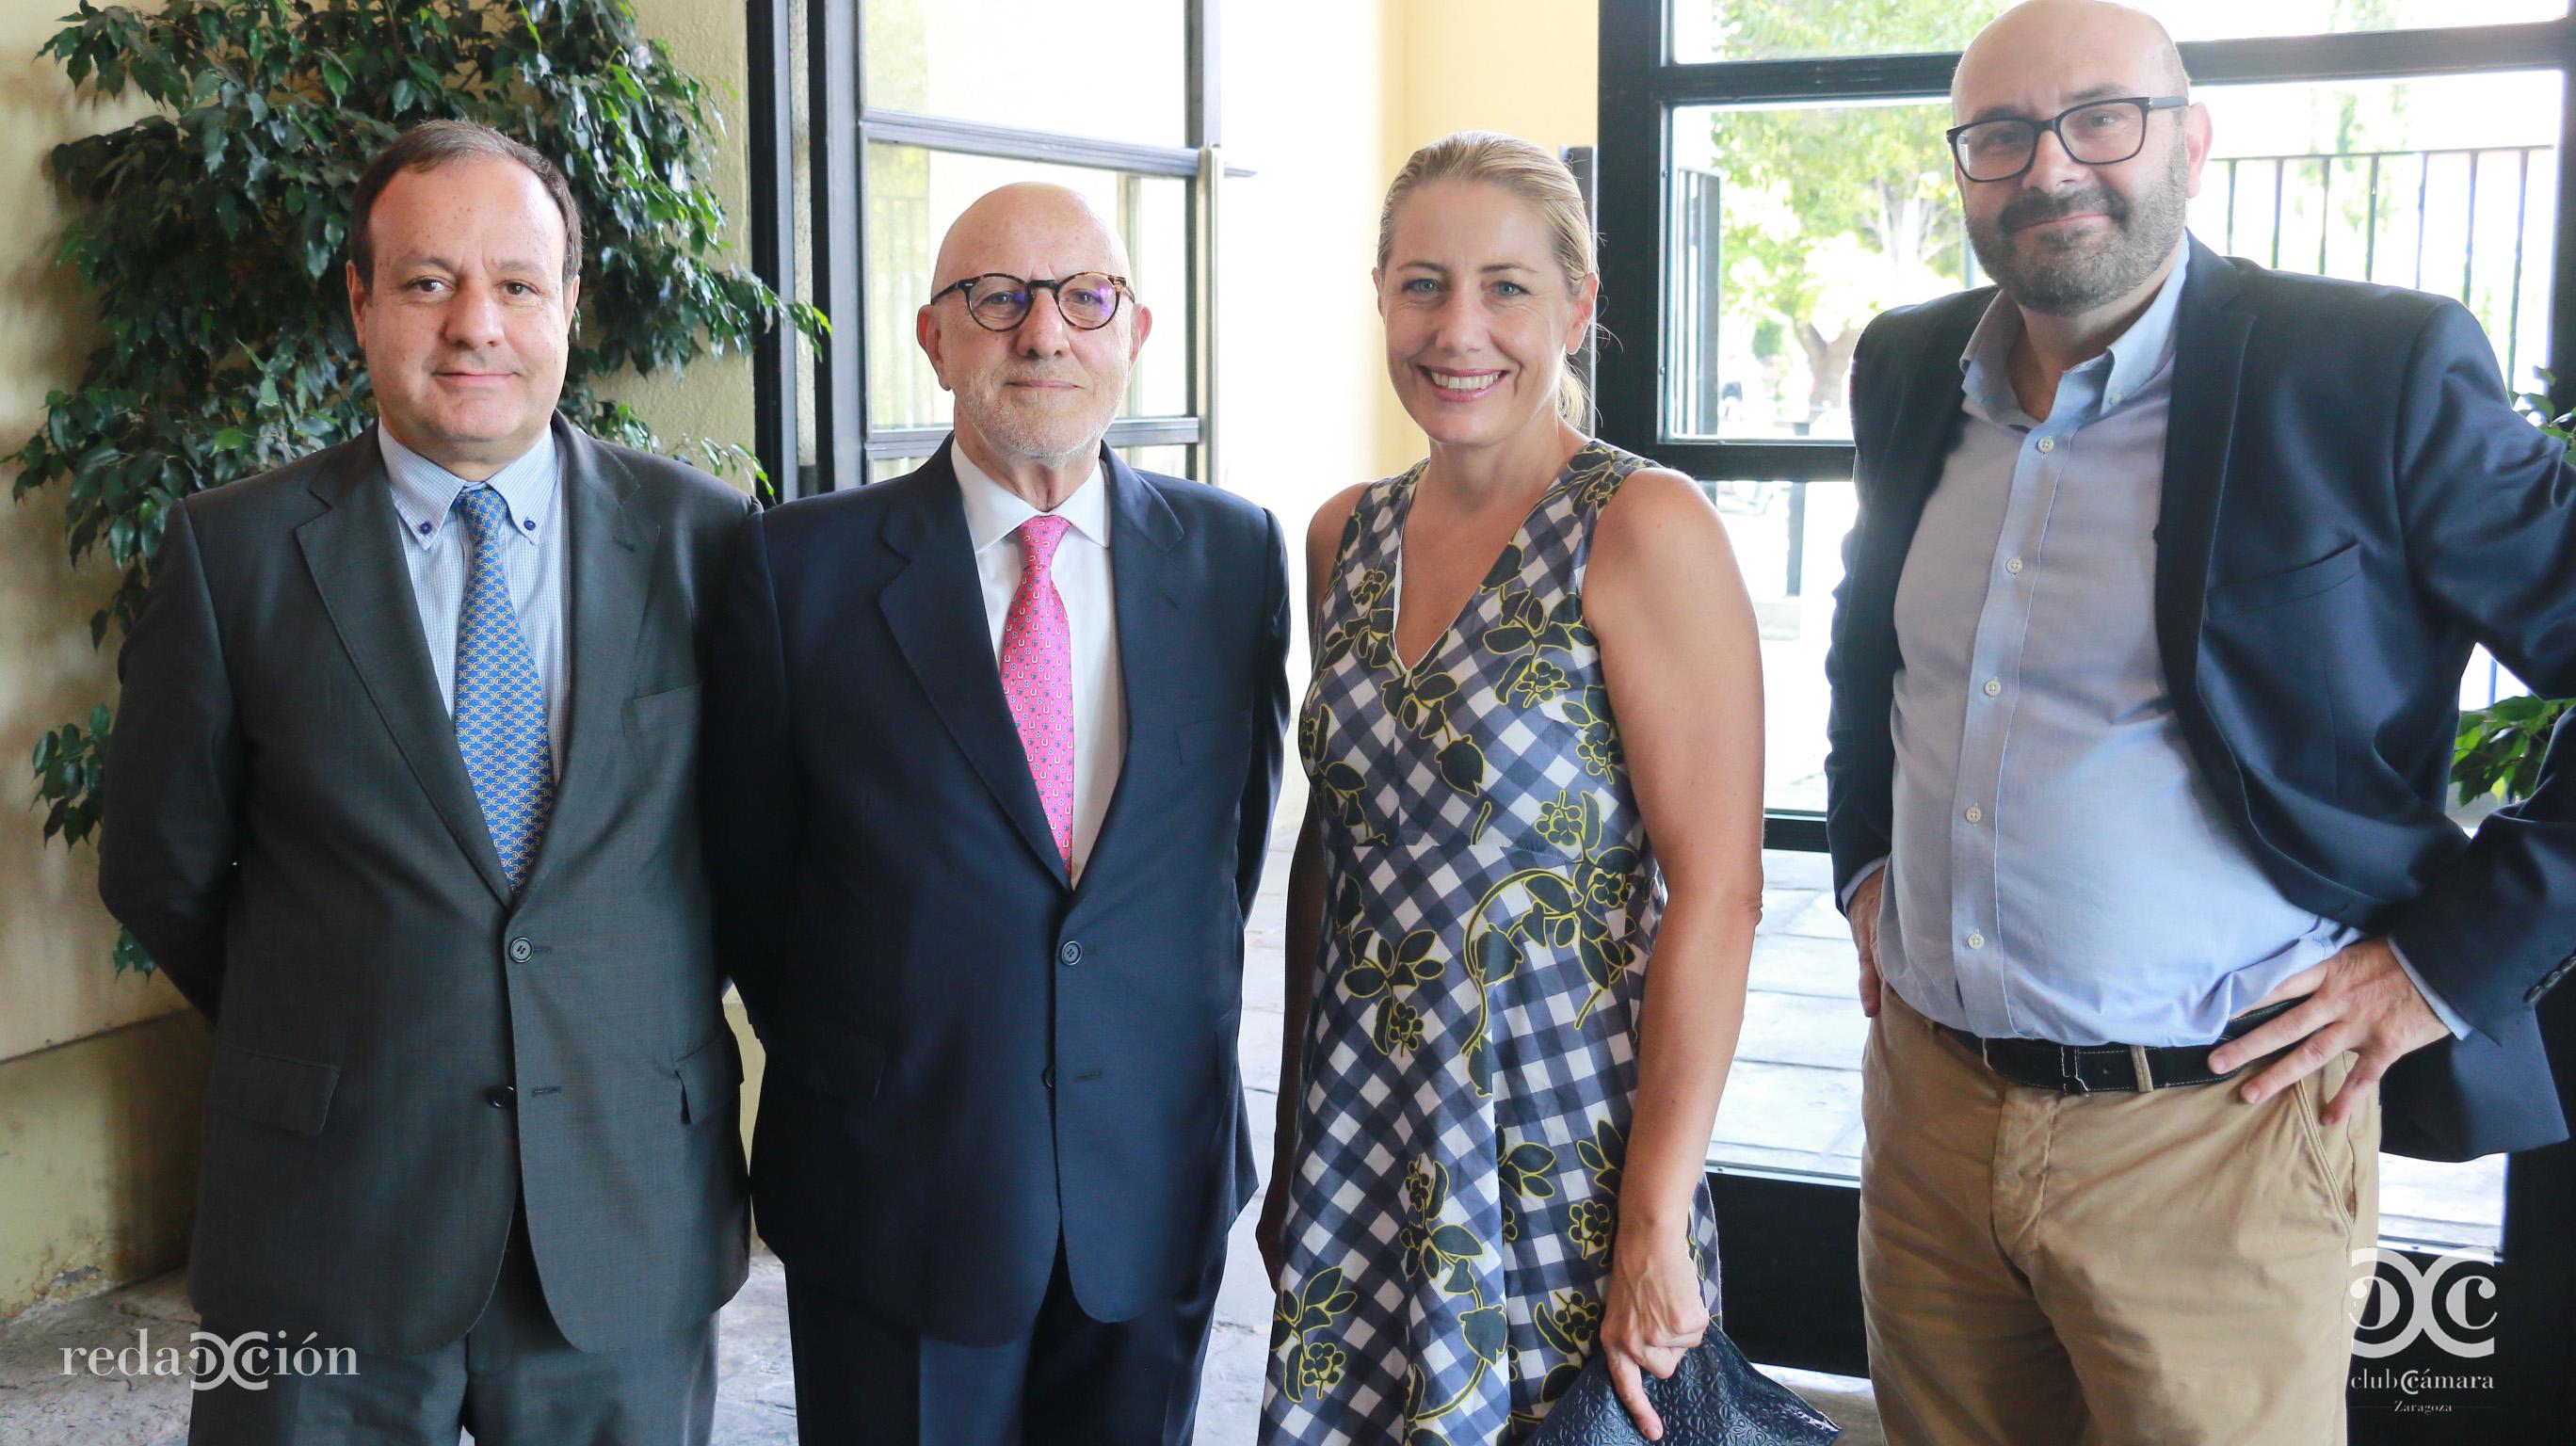 José Miguel Sánchez, Juan Calvo, Cristina Luque y Ramón Añaños.